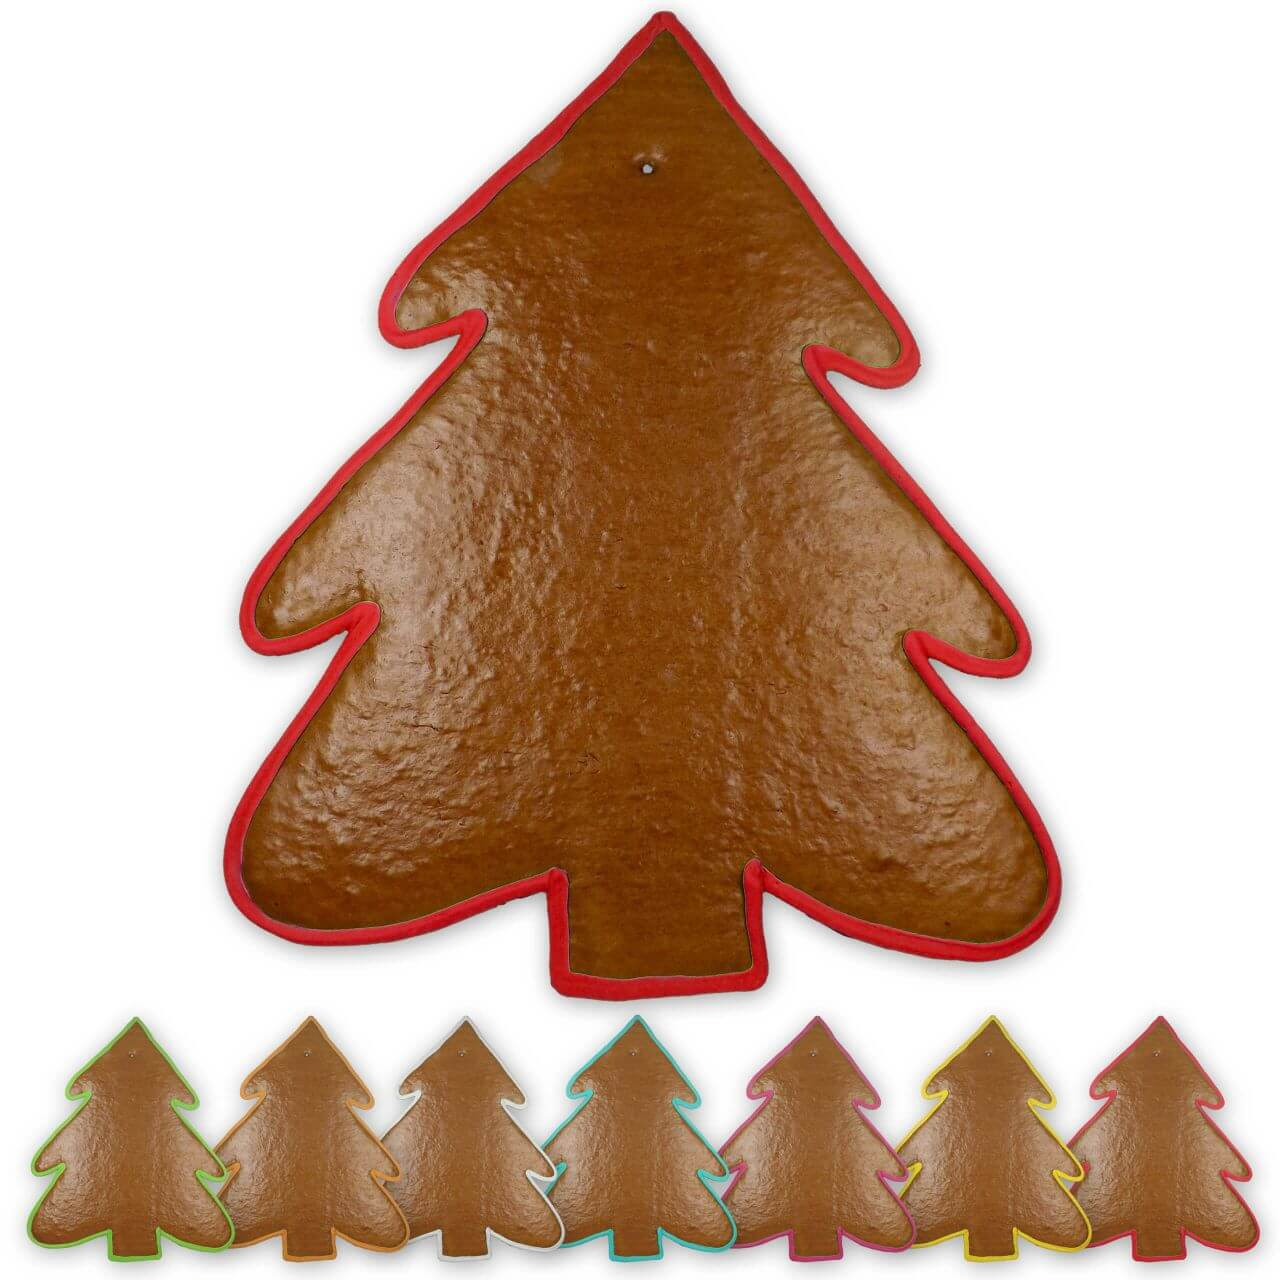 xxl lebkuchen weihnachtsbaum rohling mit rand. Black Bedroom Furniture Sets. Home Design Ideas